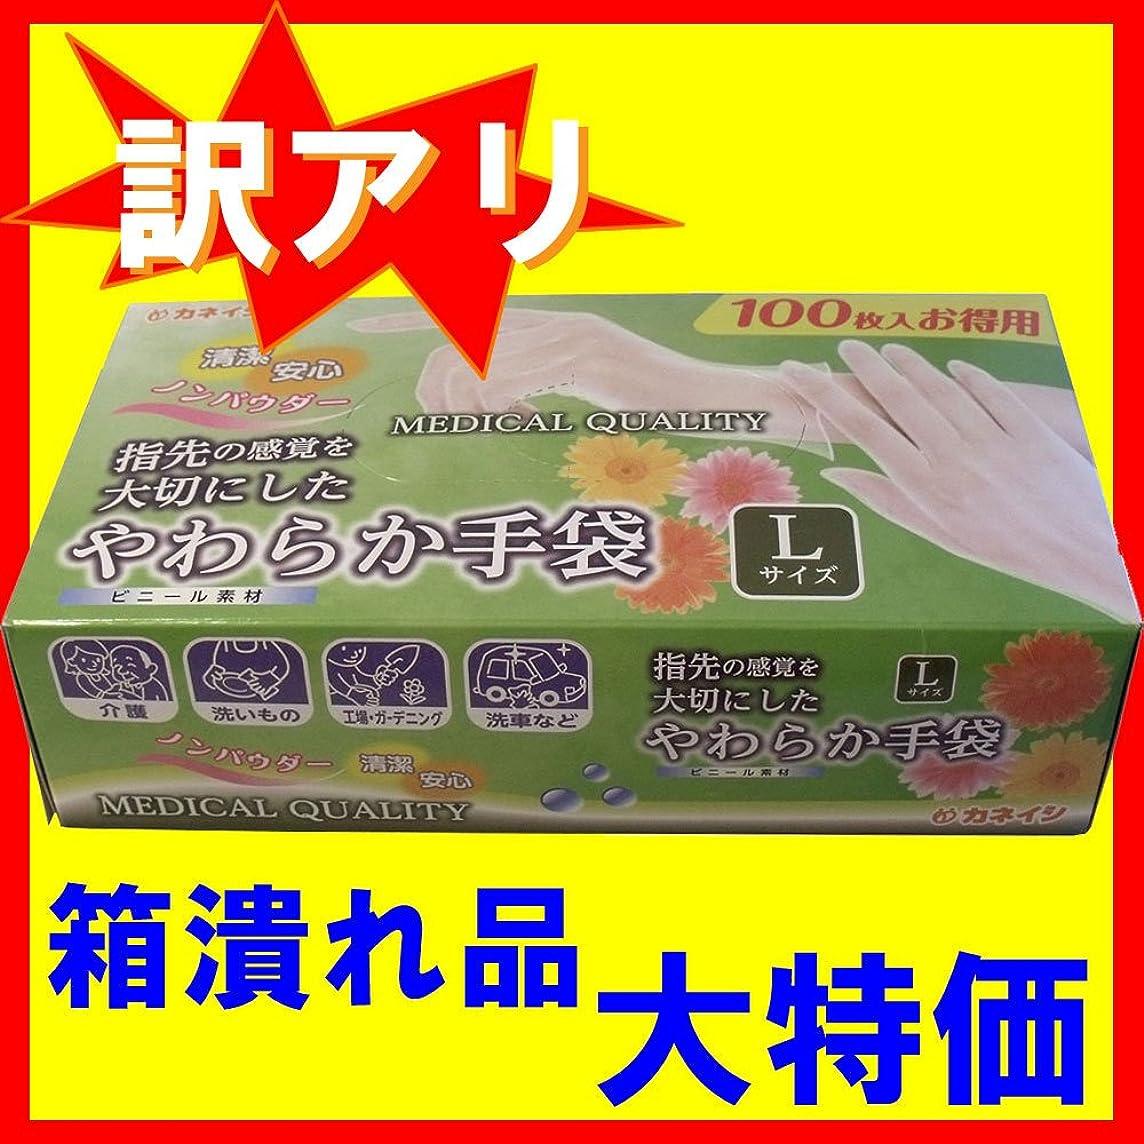 ペッカディロ変更可能軽量【訳アリ】 金石衛材 やわらか手袋 Lサイズ 100枚入